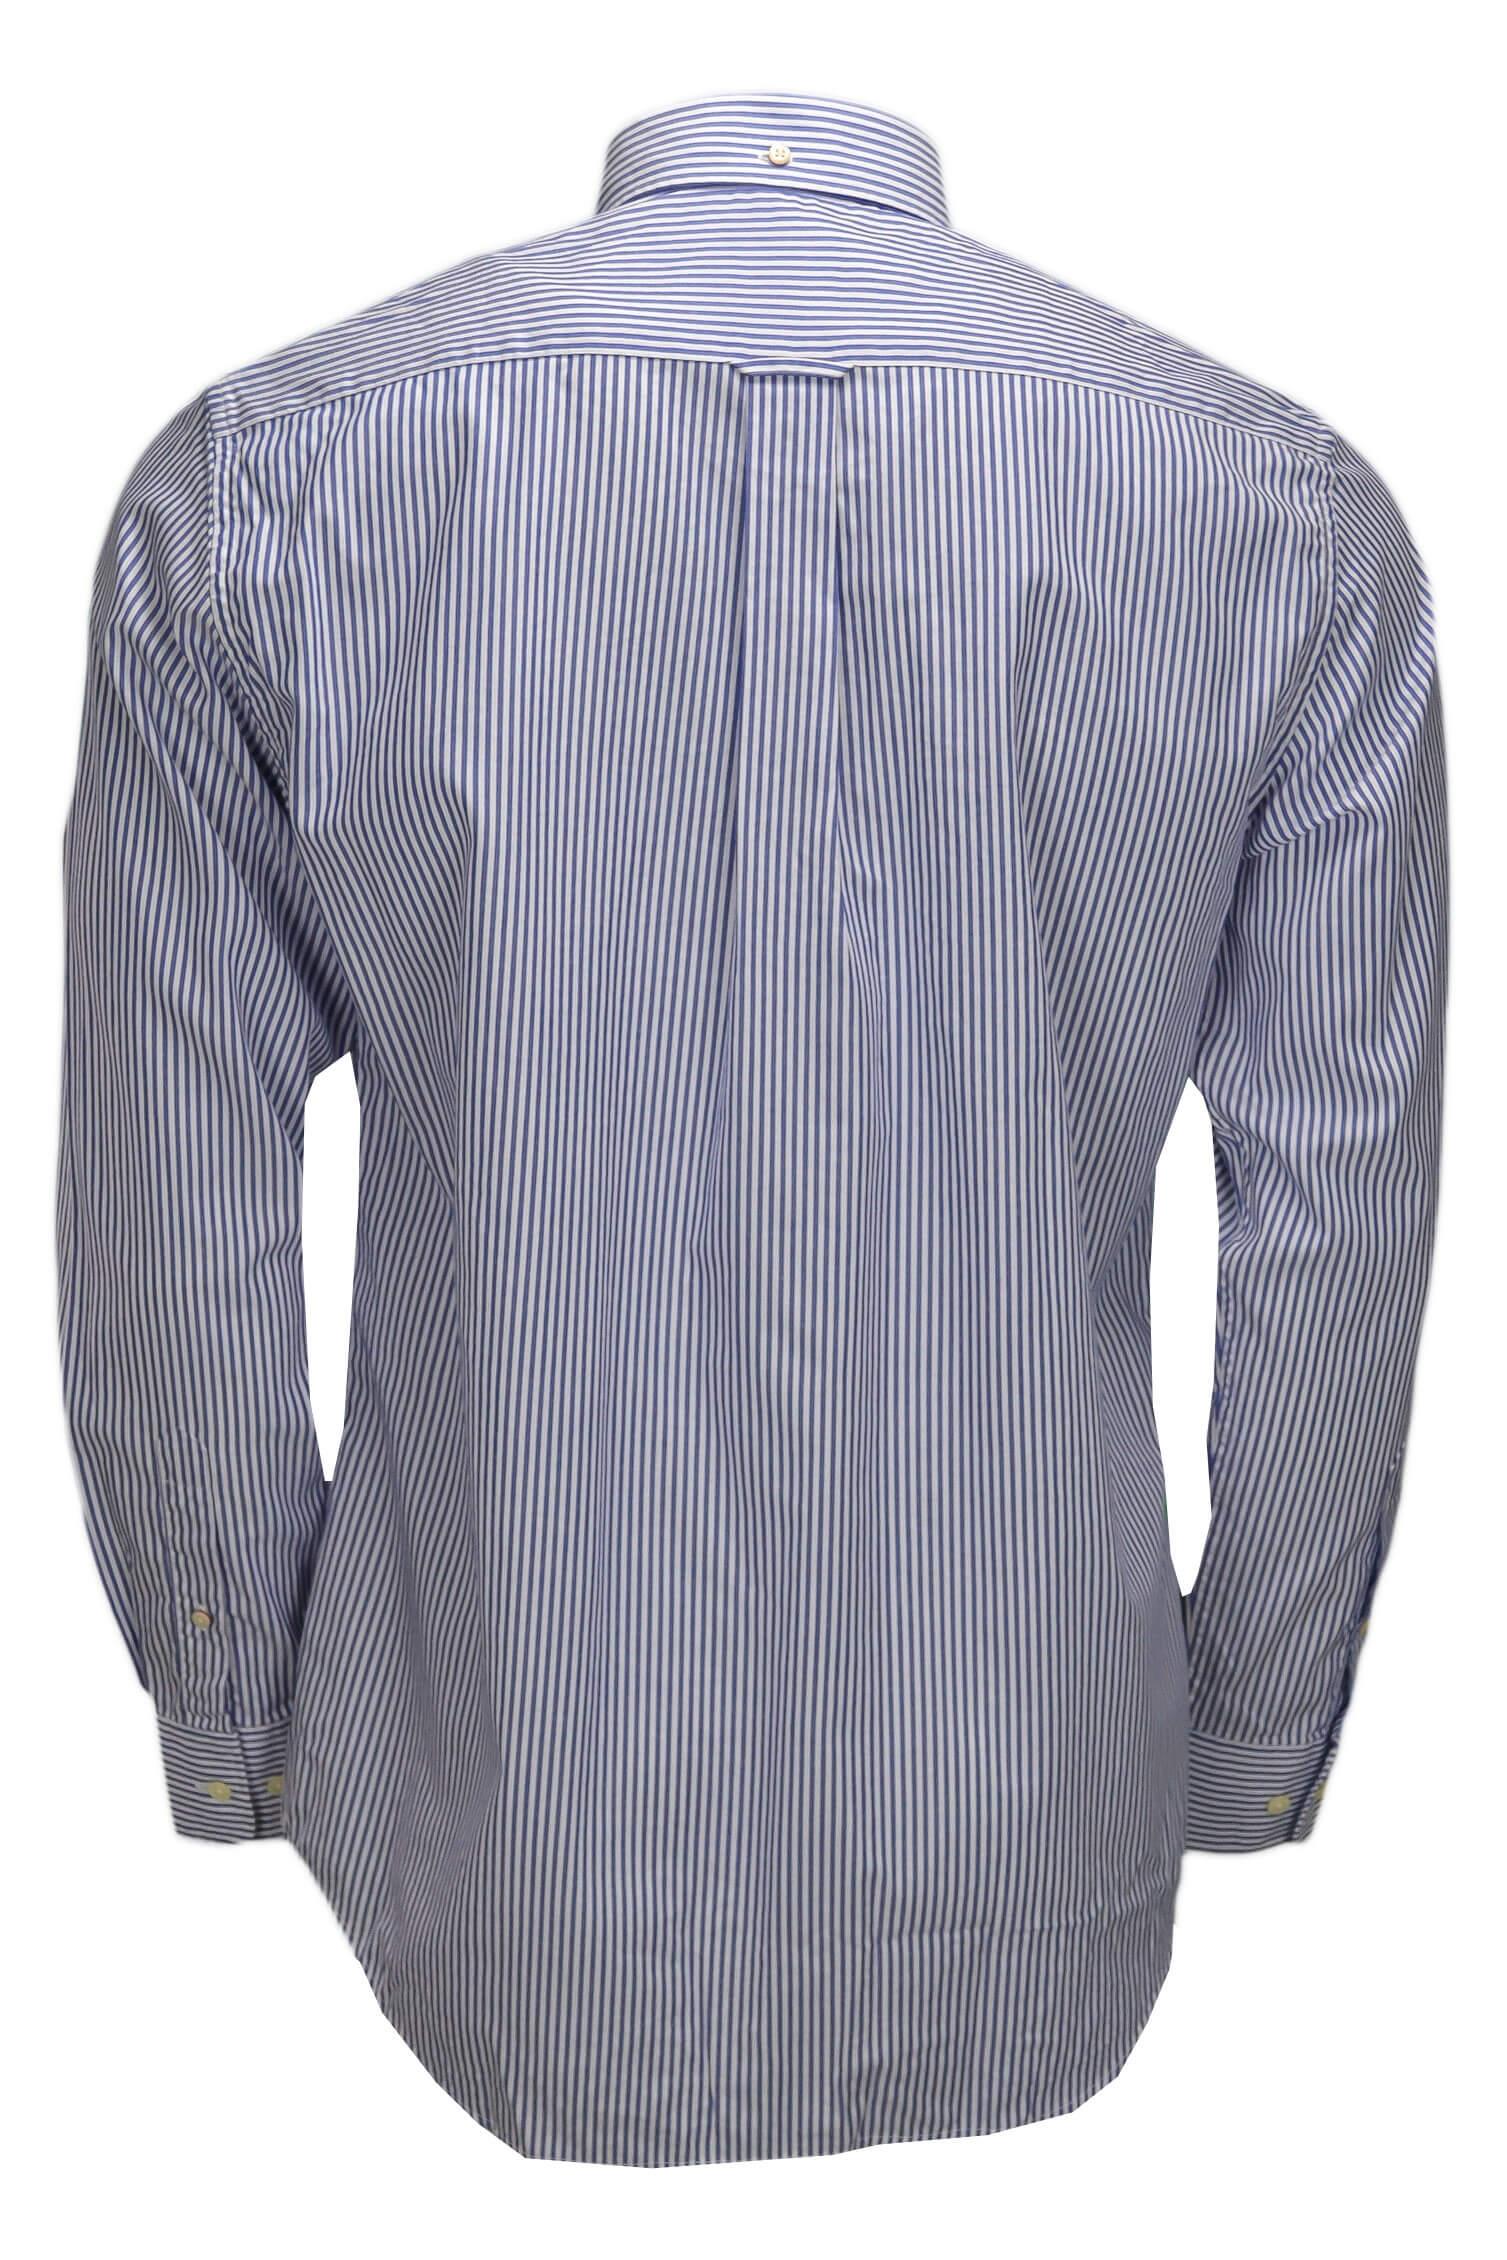 chemise gant ray e bleu et blanche pour homme toujours au meille. Black Bedroom Furniture Sets. Home Design Ideas